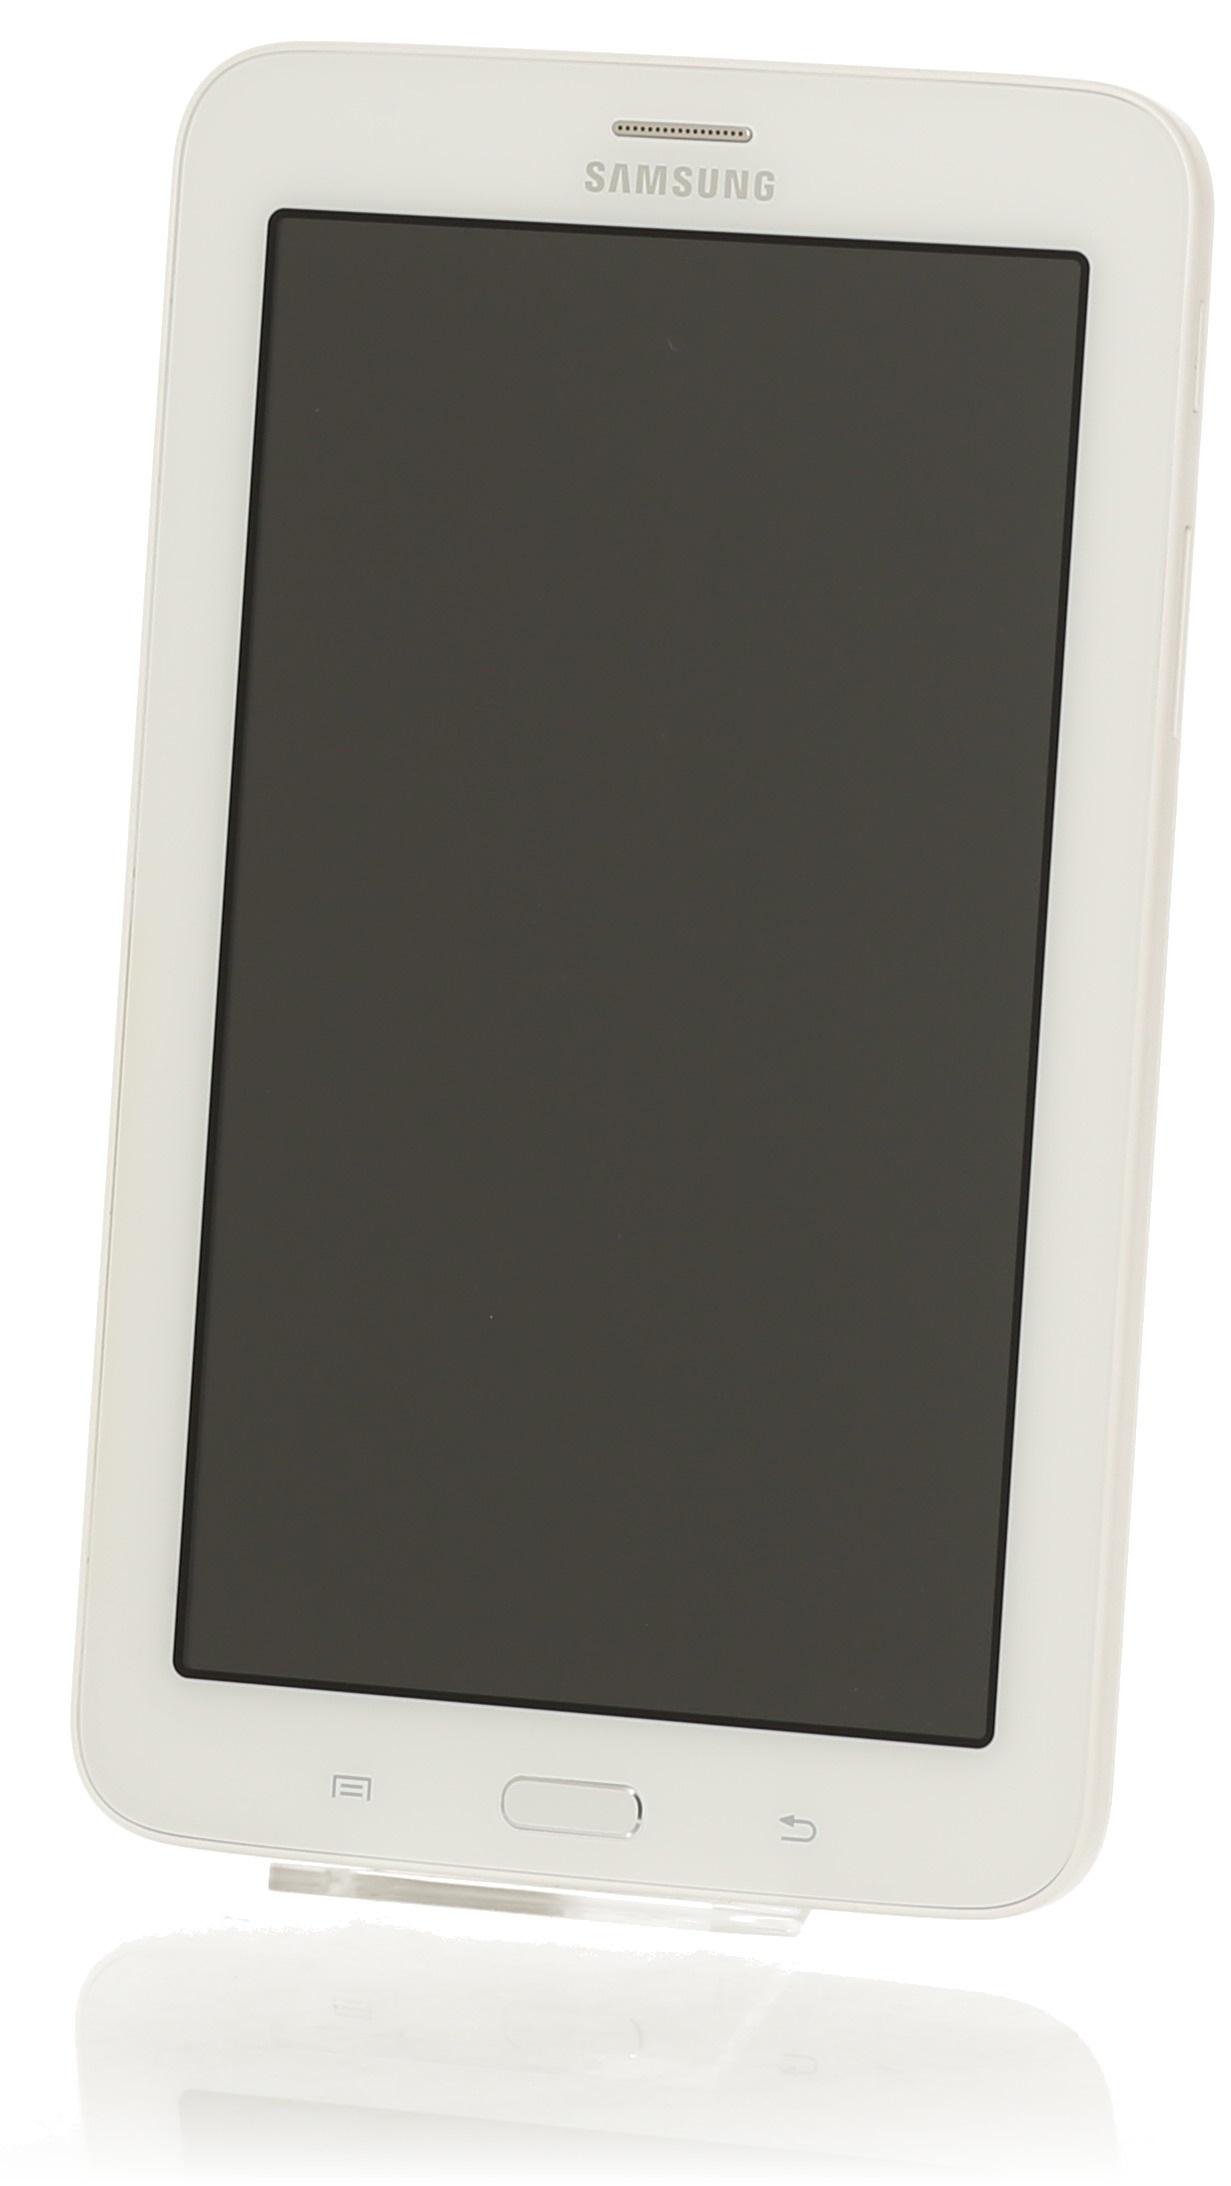 Samsung Galaxy Tab 3 7.0 Lite 7 8GB [Wi-Fi] wit